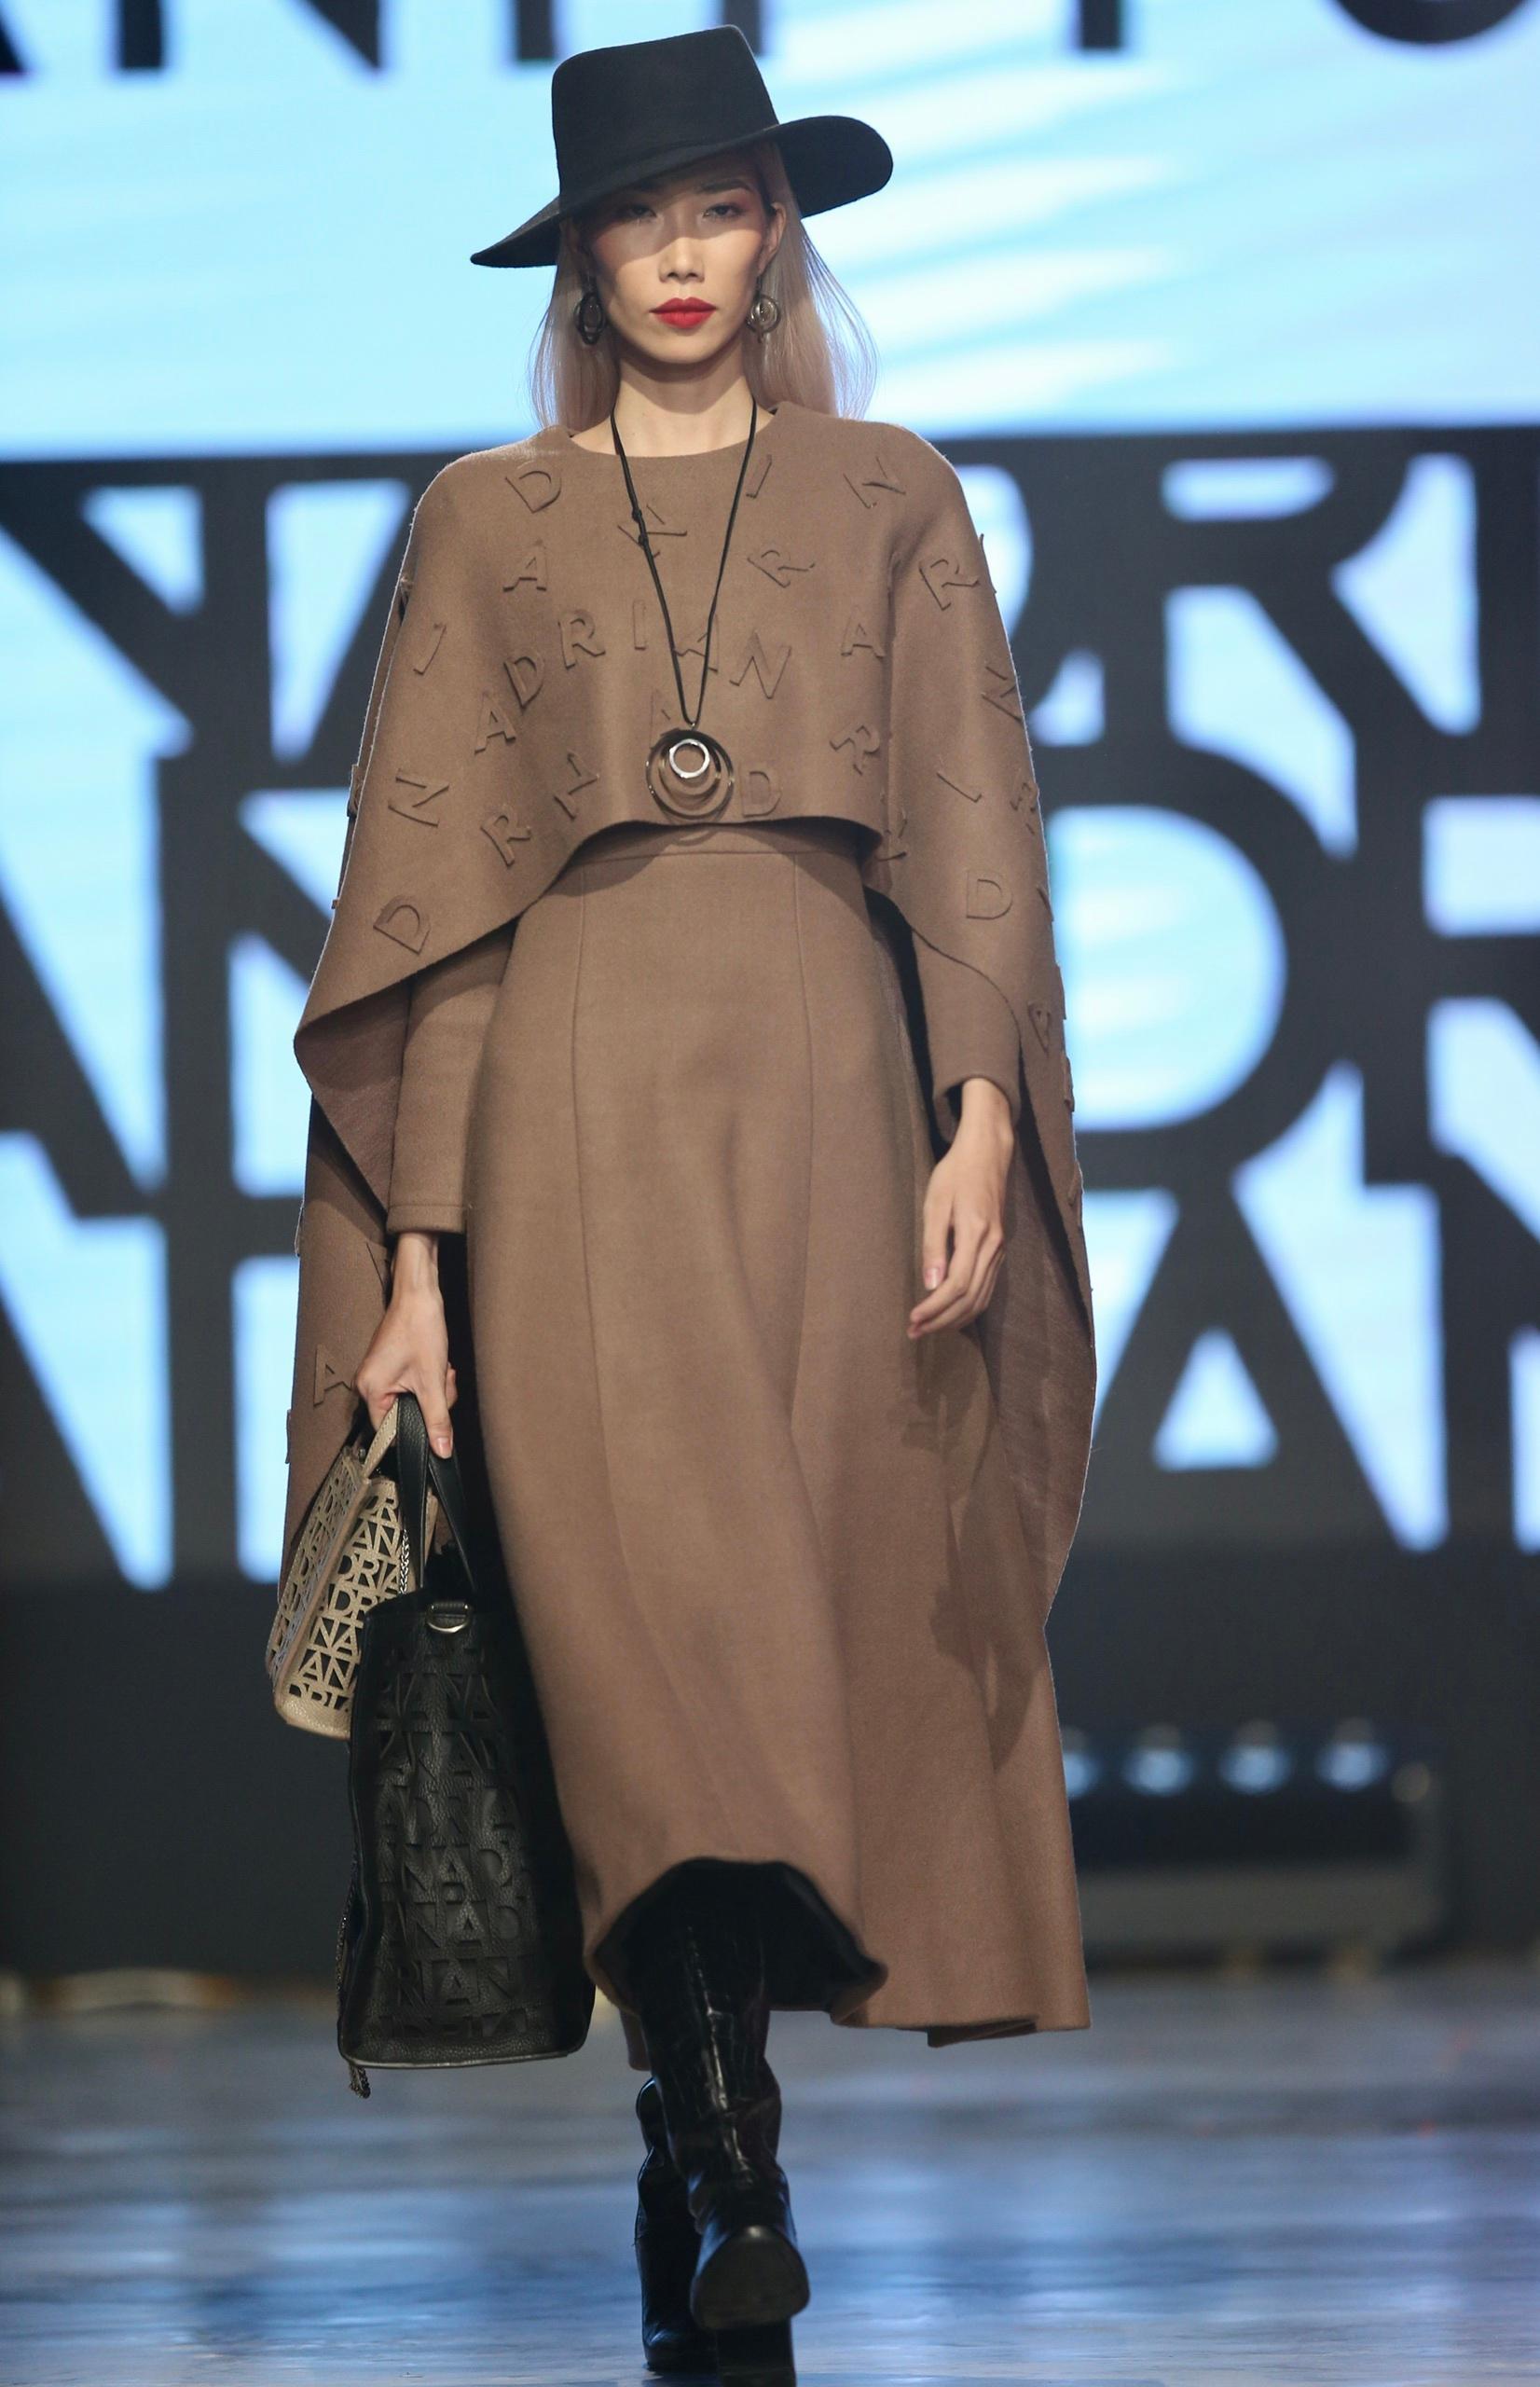 Hoa hậu Tiểu Vy mặc áo lưới gợi cảm trong show thời trang Ảnh 13